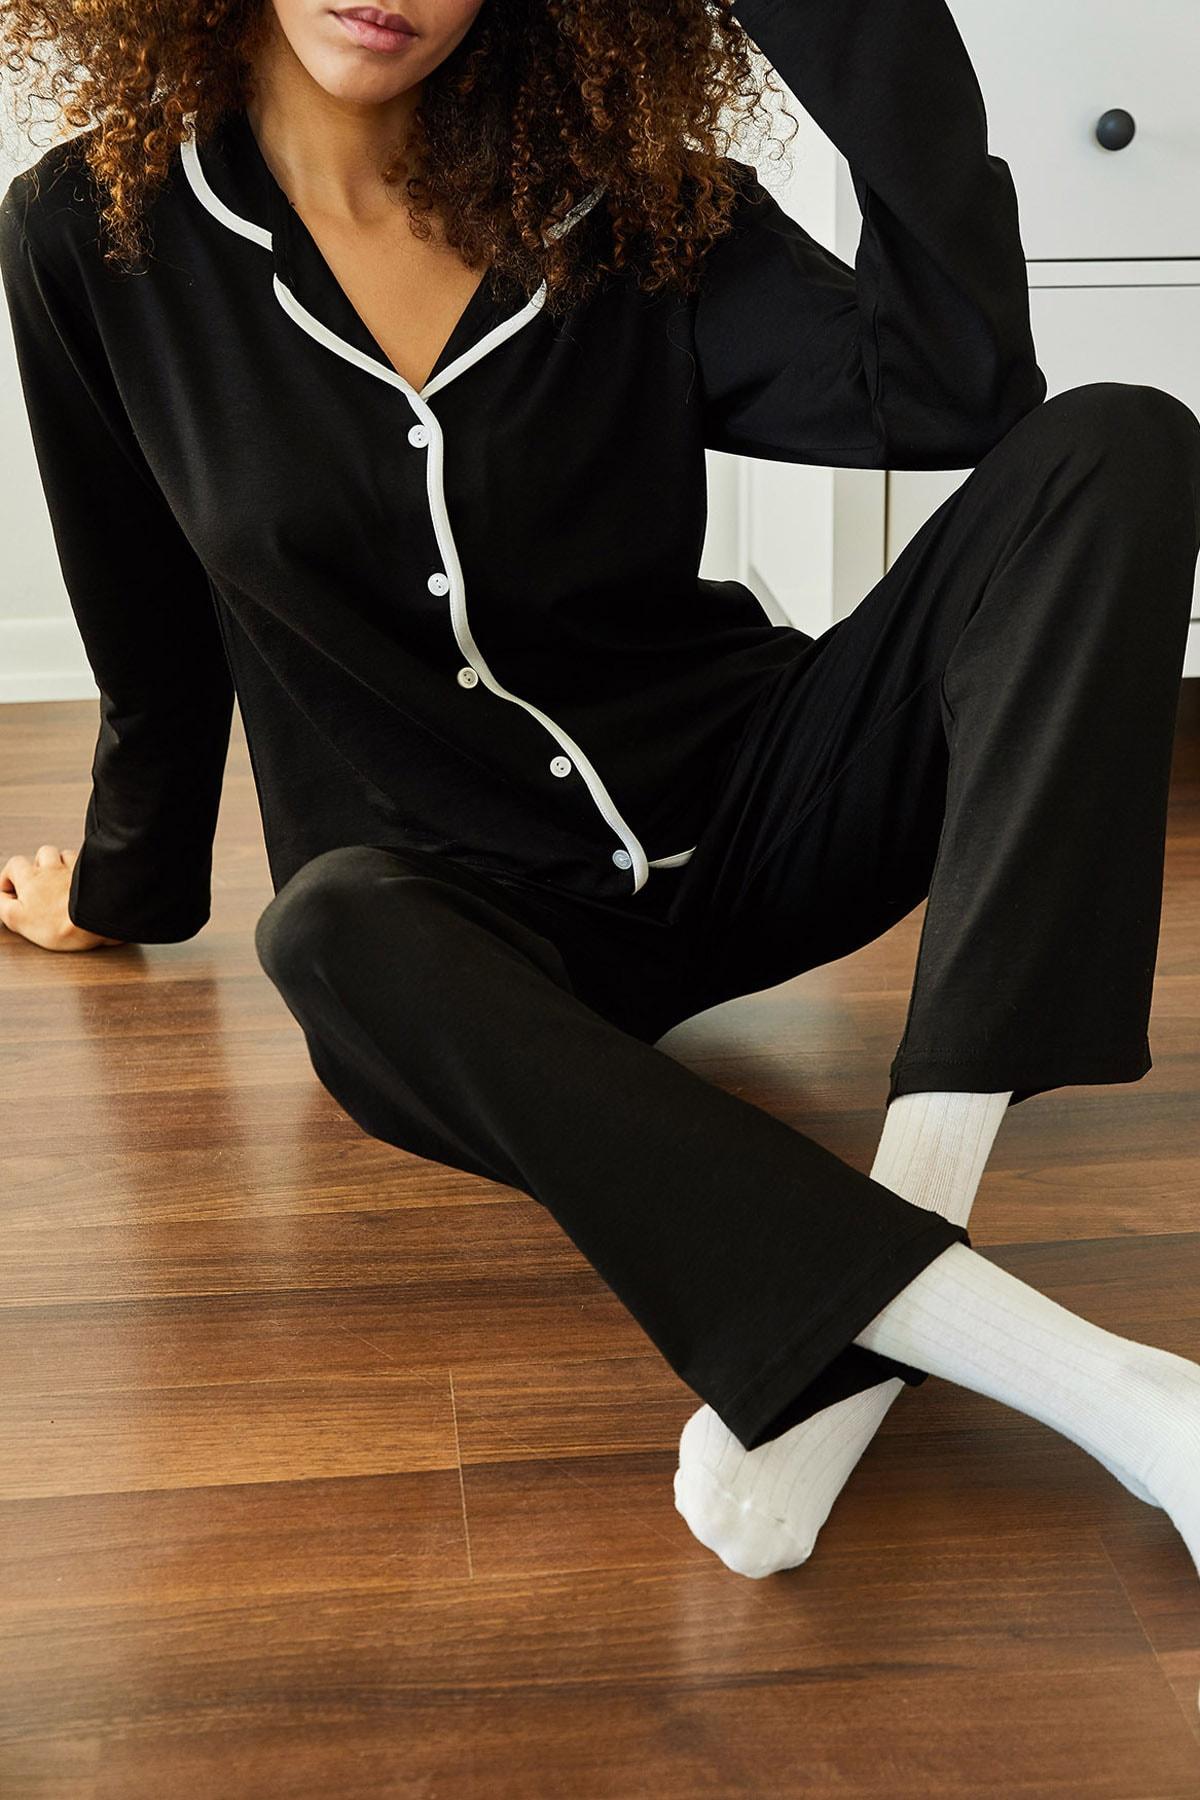 XENA Kadın Siyah Yumuşak Dokulu Esnek Örme Pijama Takımı 1KZK8-11024-02 2